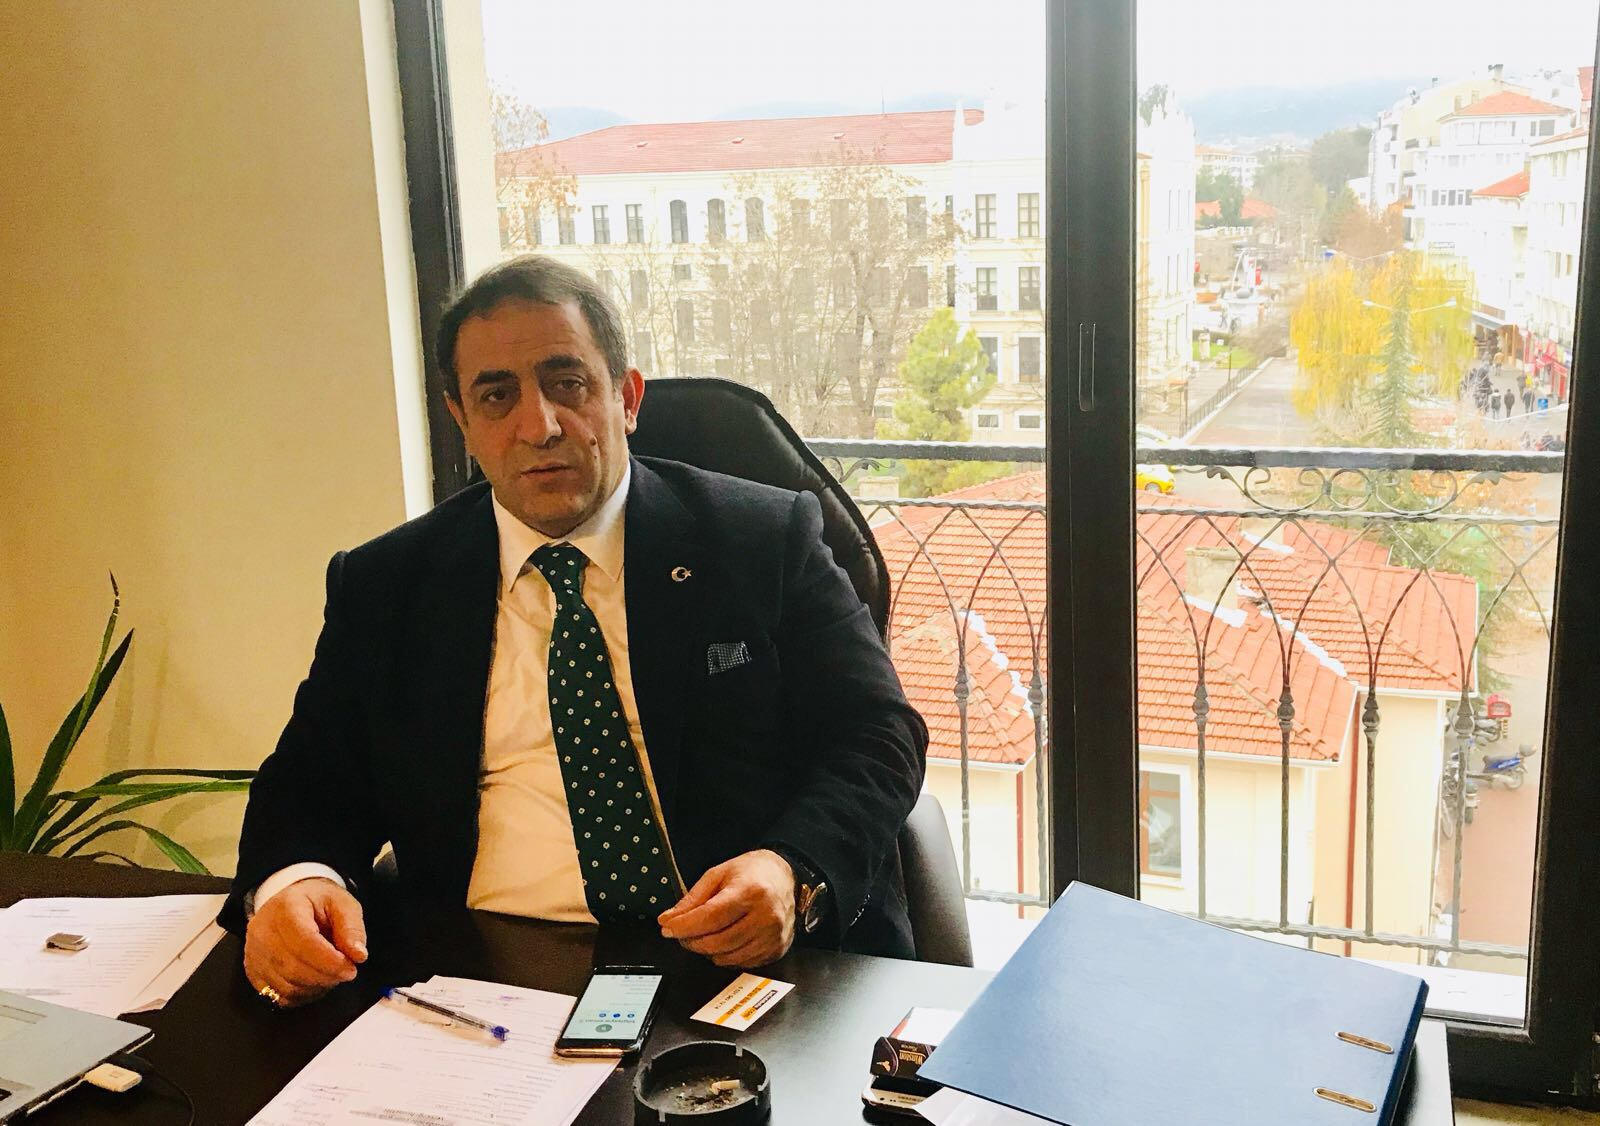 TÜMSİAD Malatya Şubesi Başkanı Murat Gümüş : Geleceğin Bilgisini  Tasarlayanlar Kazanacak - Malatya Siyaset